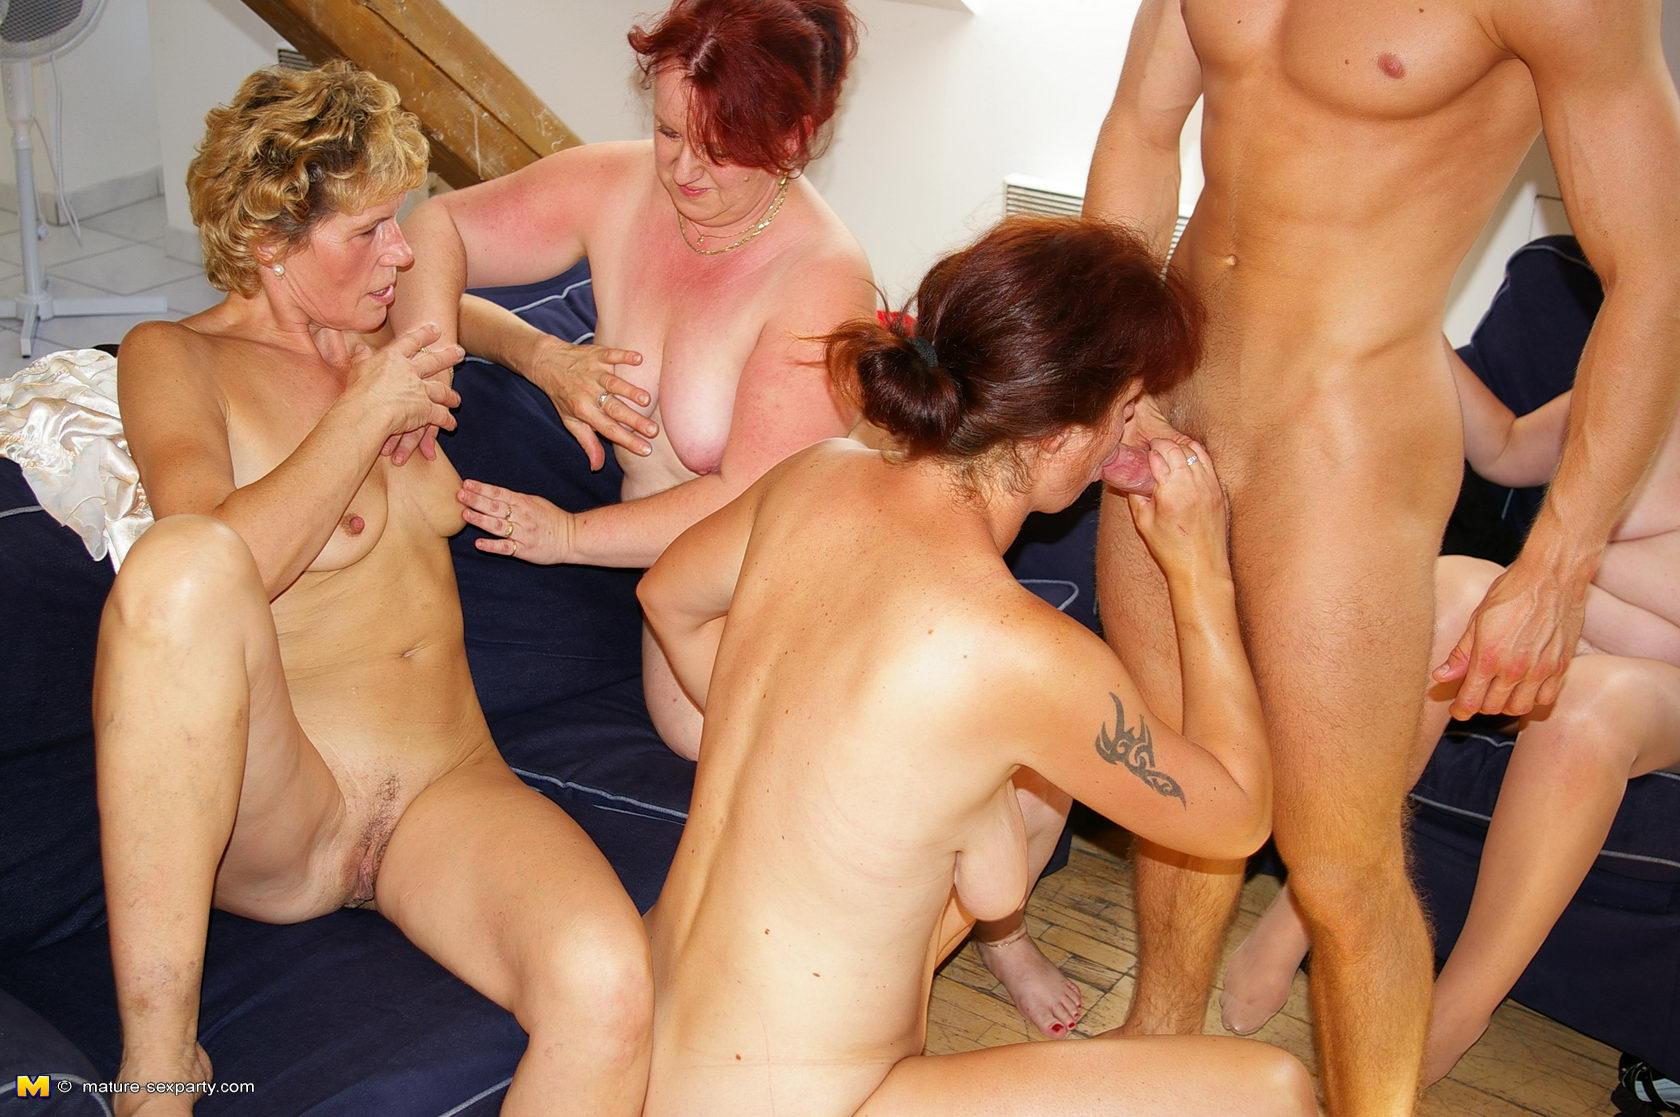 Sheneka adams in the nude